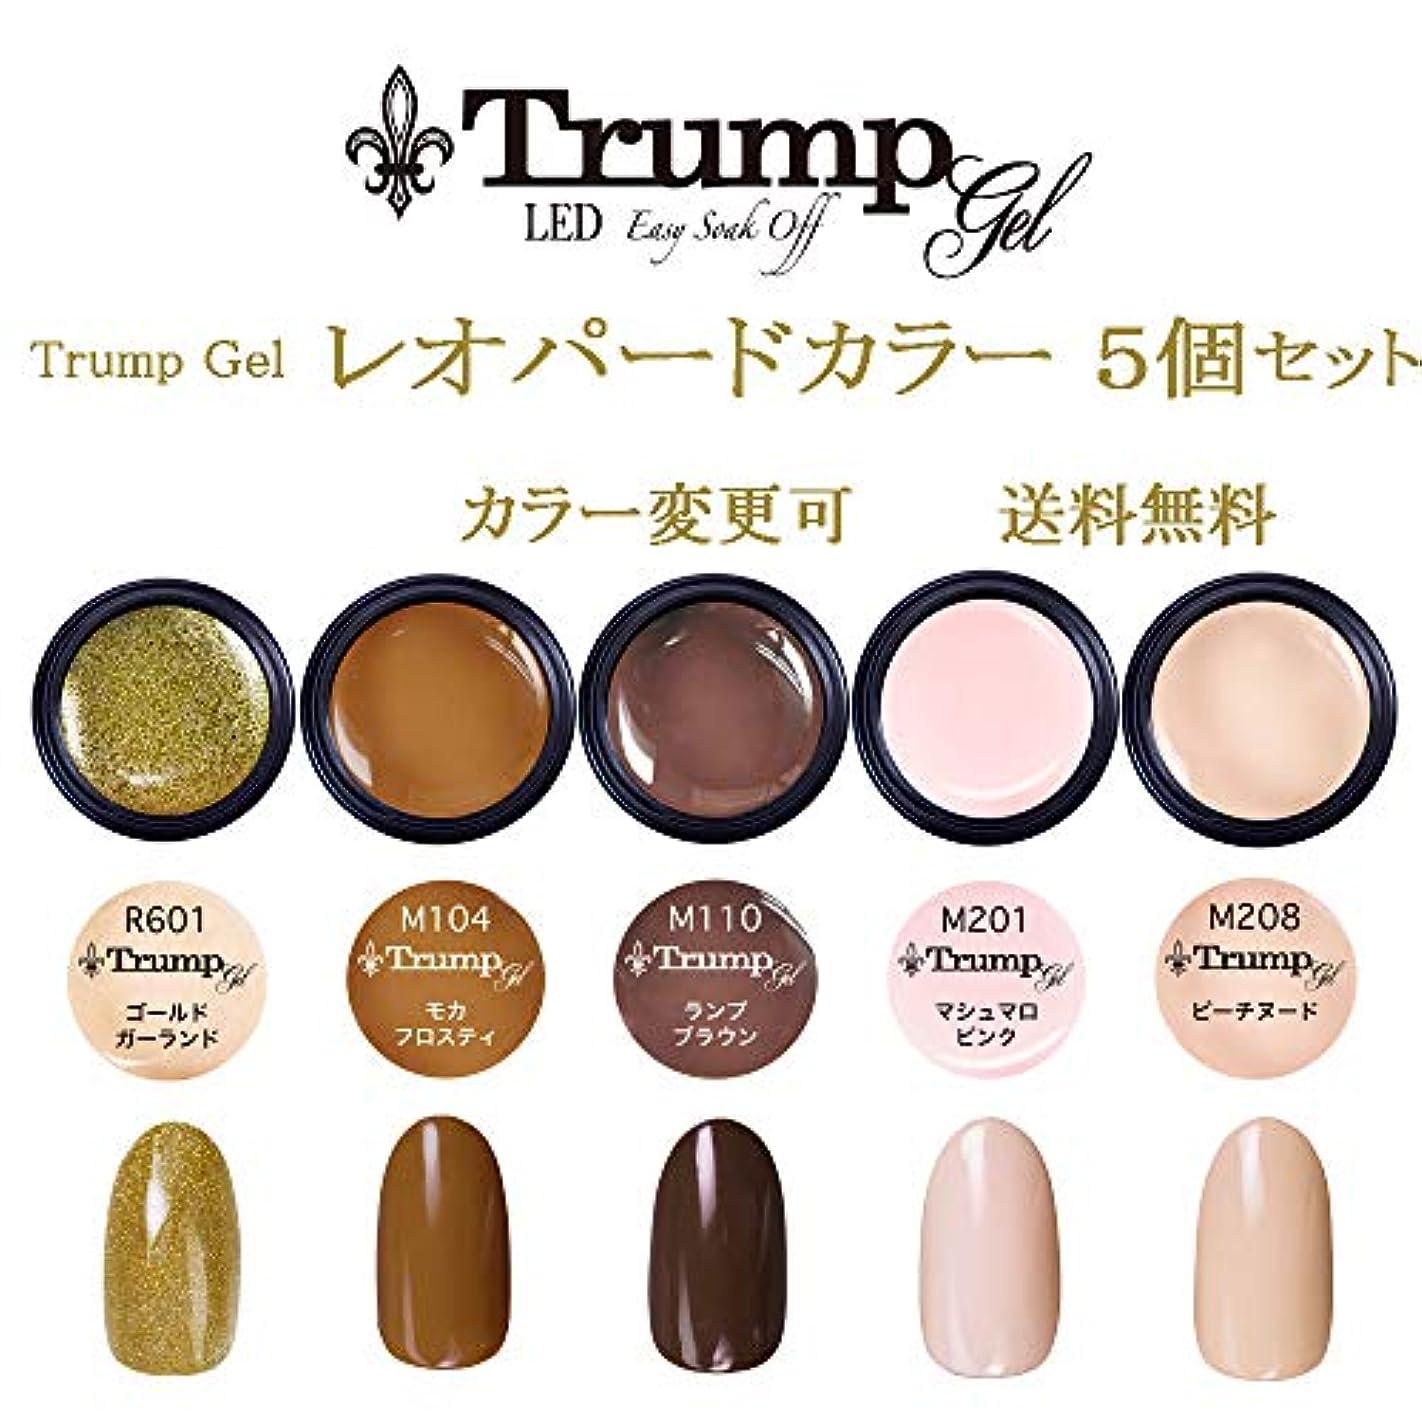 ゴールデン思い出す慈悲【送料無料】日本製 Trump gel トランプジェル レオパードカラー 選べる カラージェル 5個セット アニマル ベージュ ブラウン ホワイト ラメ カラー